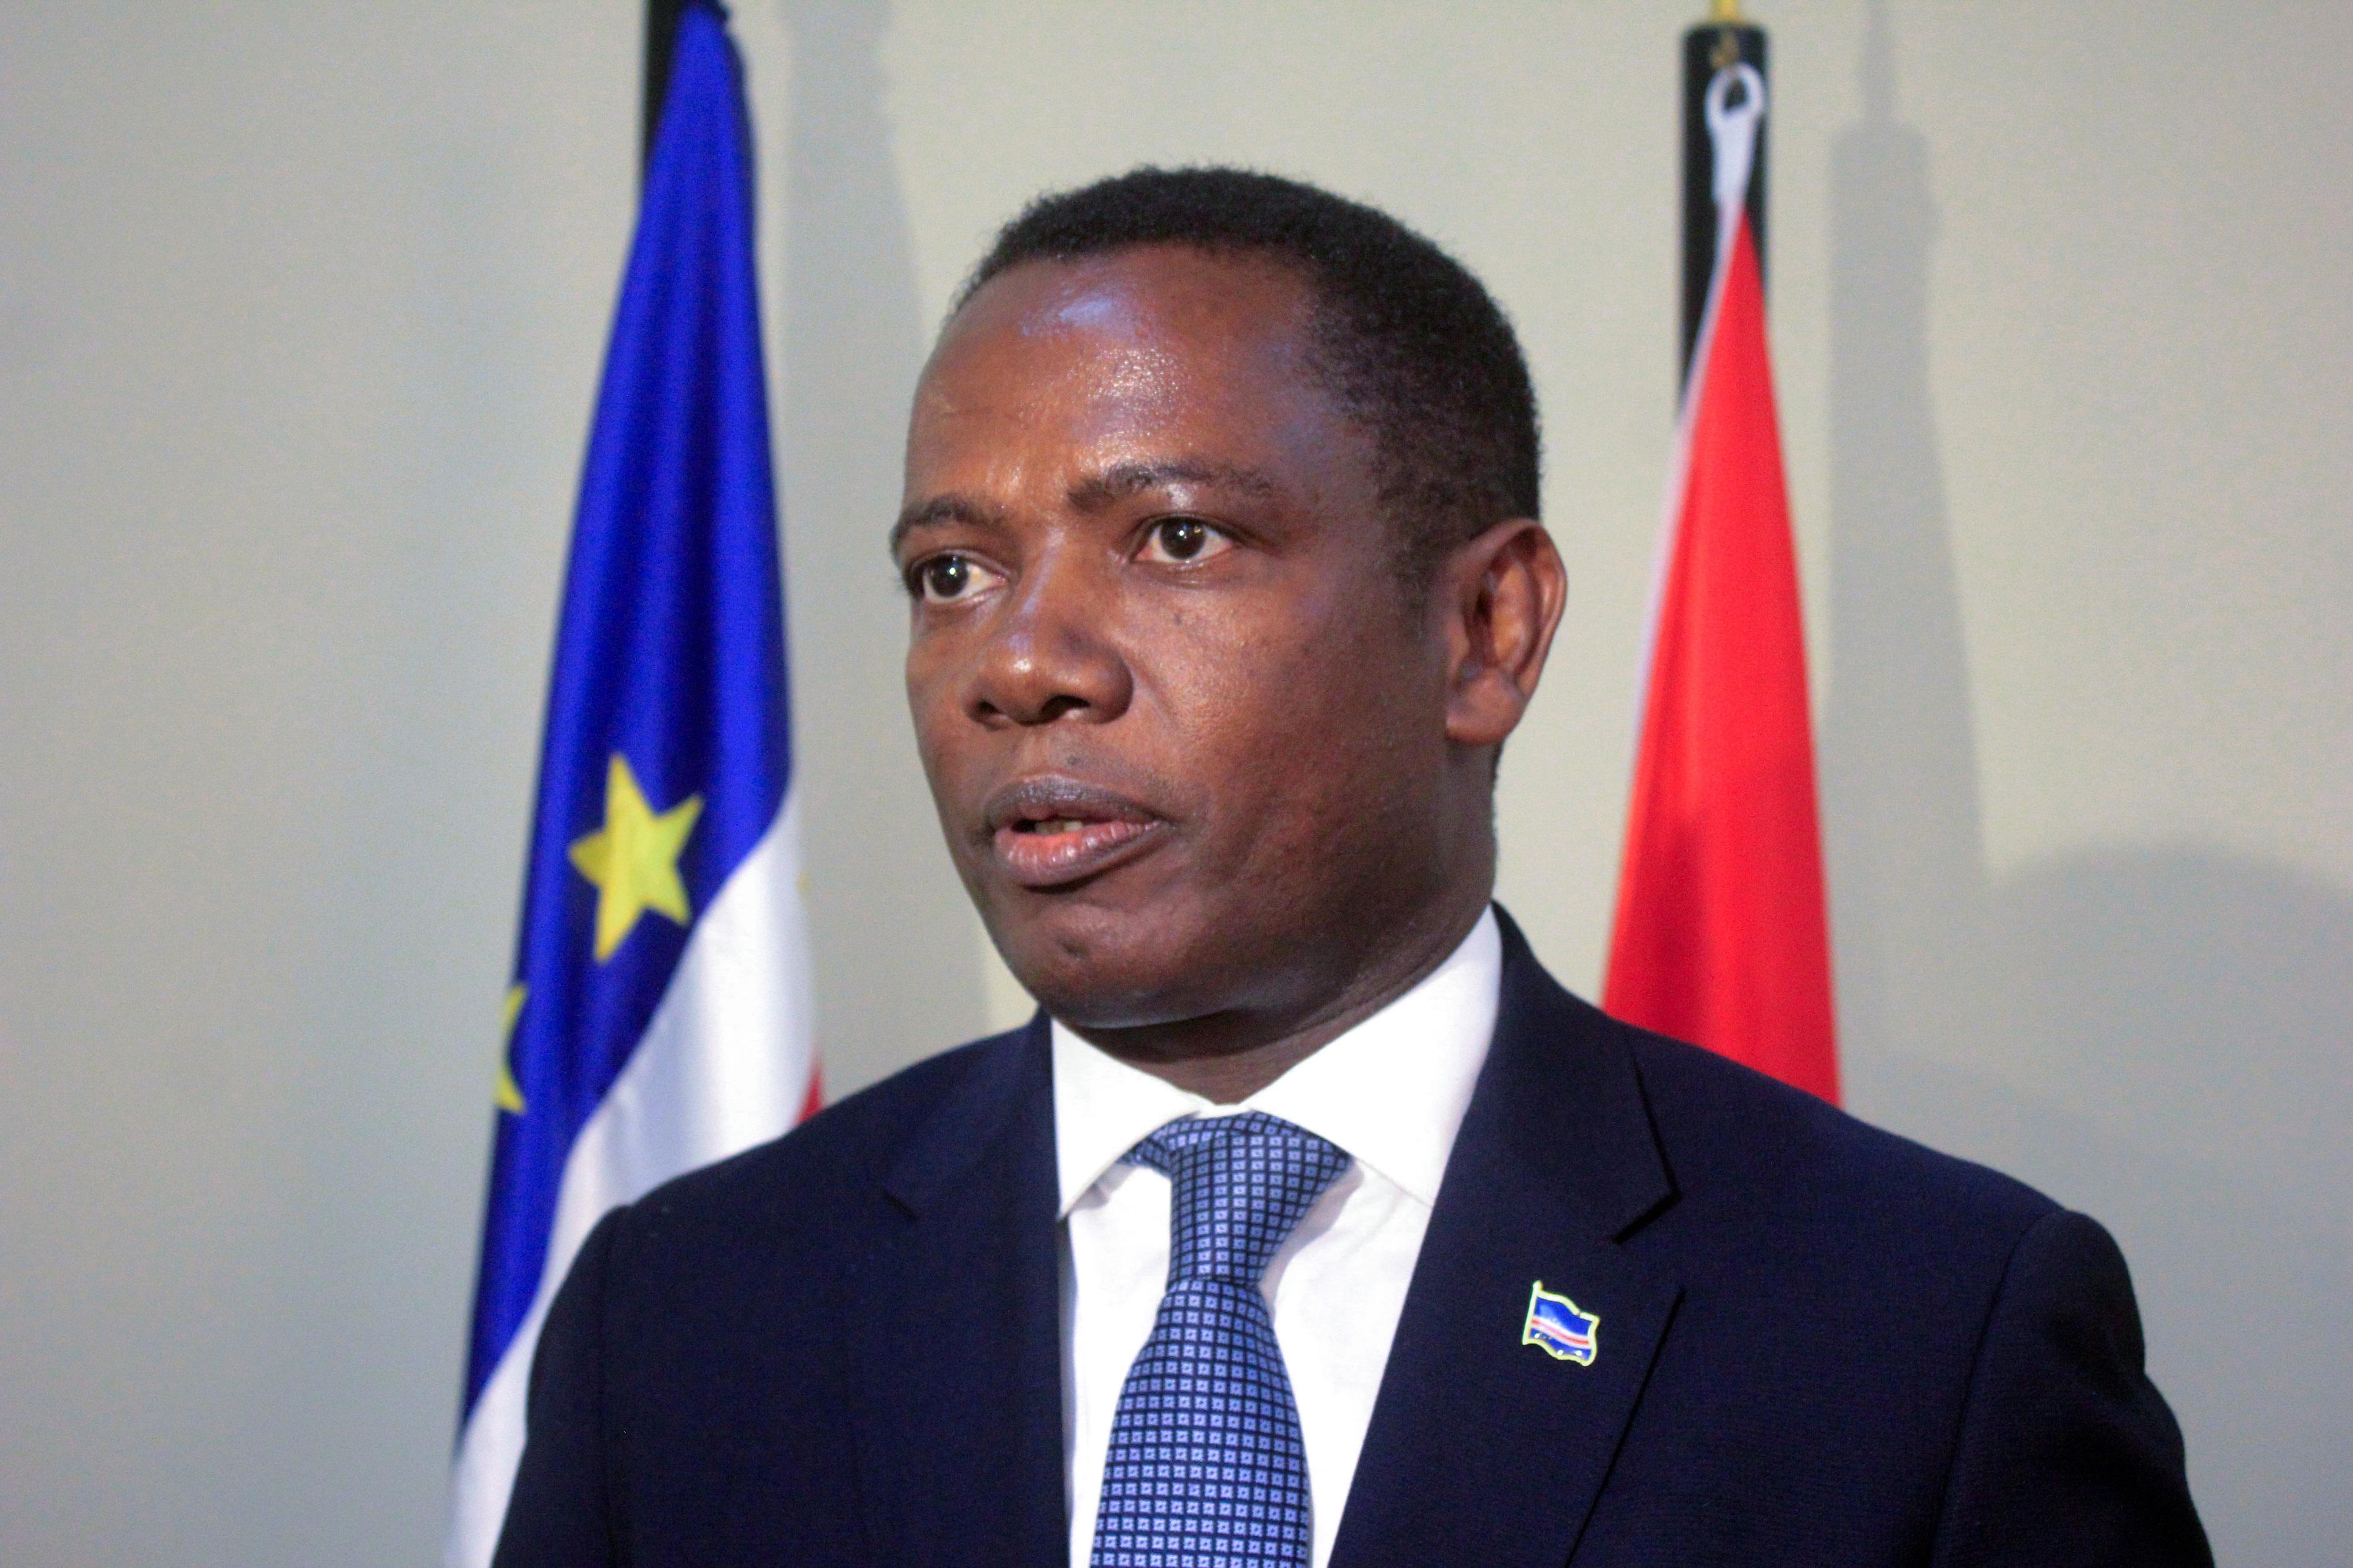 Criação de Banco de Desenvolvimento da CPLP pode ser discutida em julho - Cabo Verde